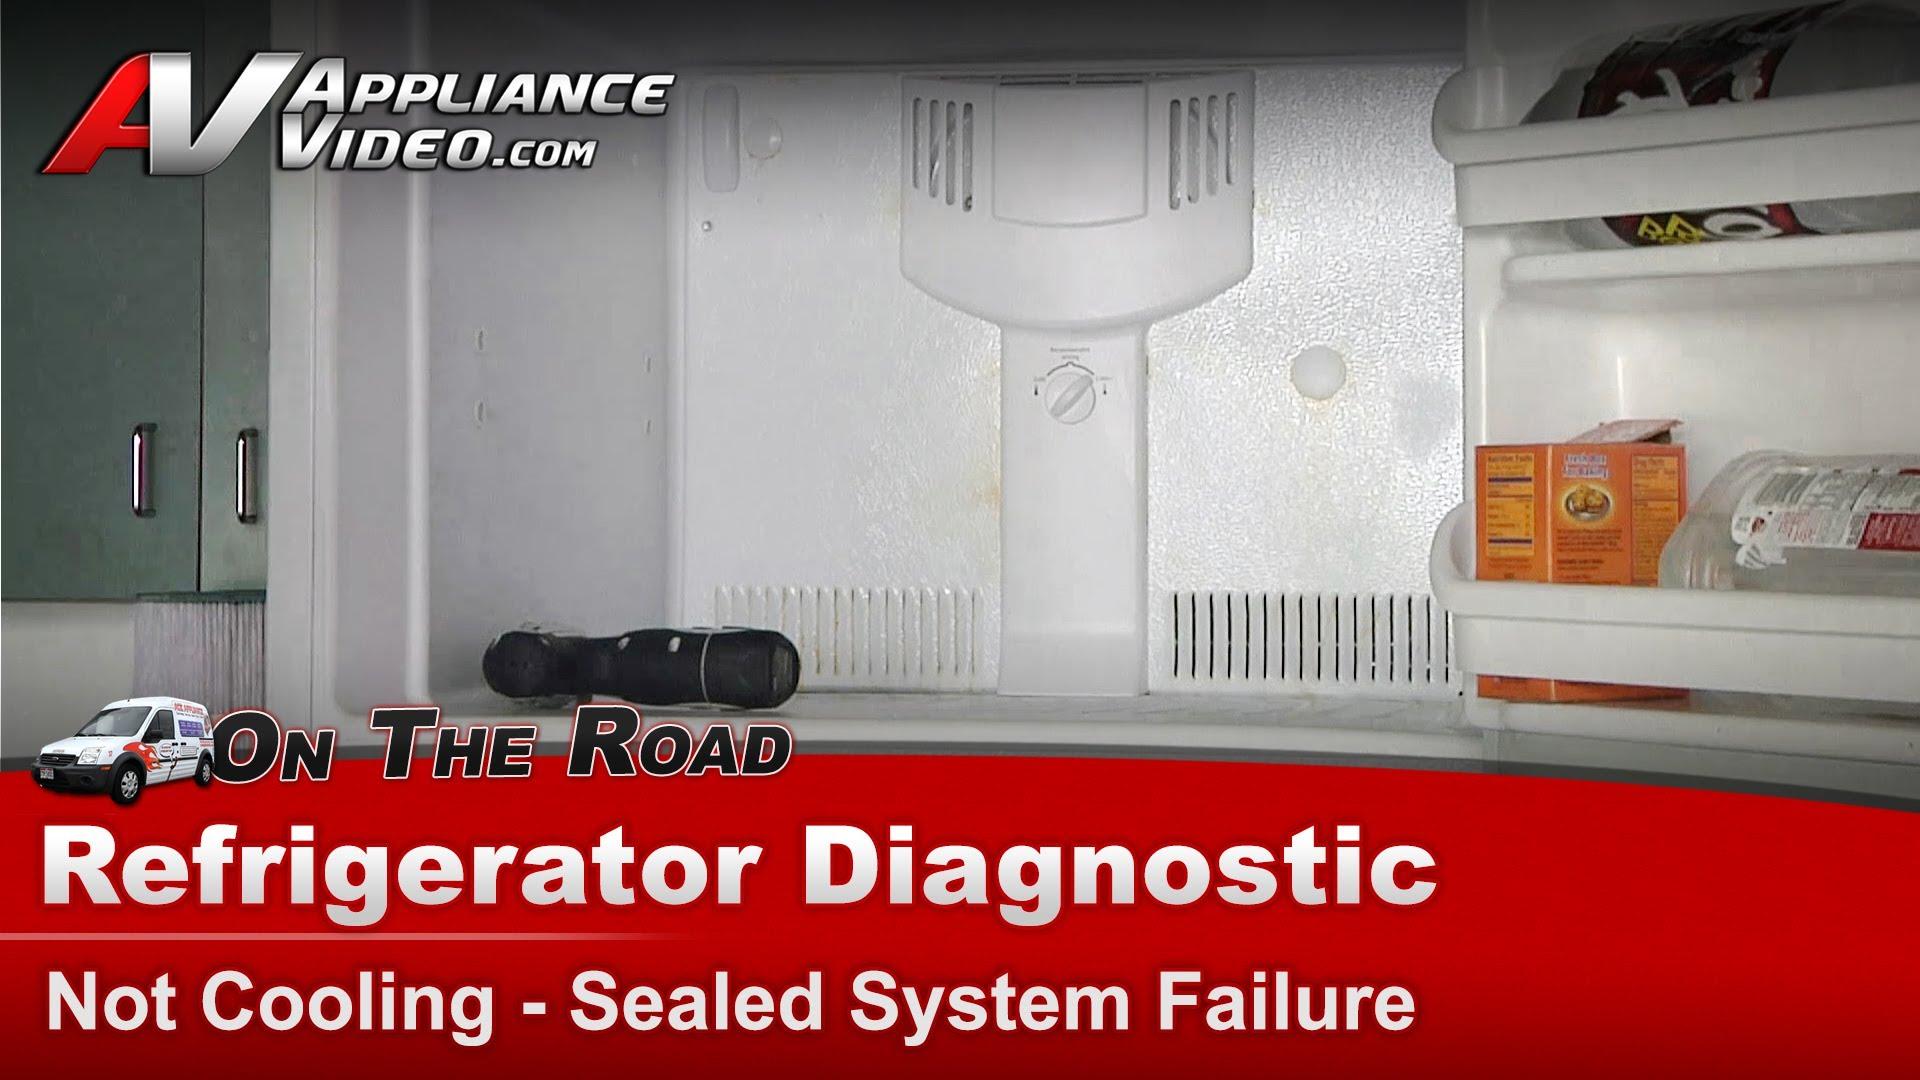 Frigidaire Frt21b4jw3 Refrigerator Diagnostic Not